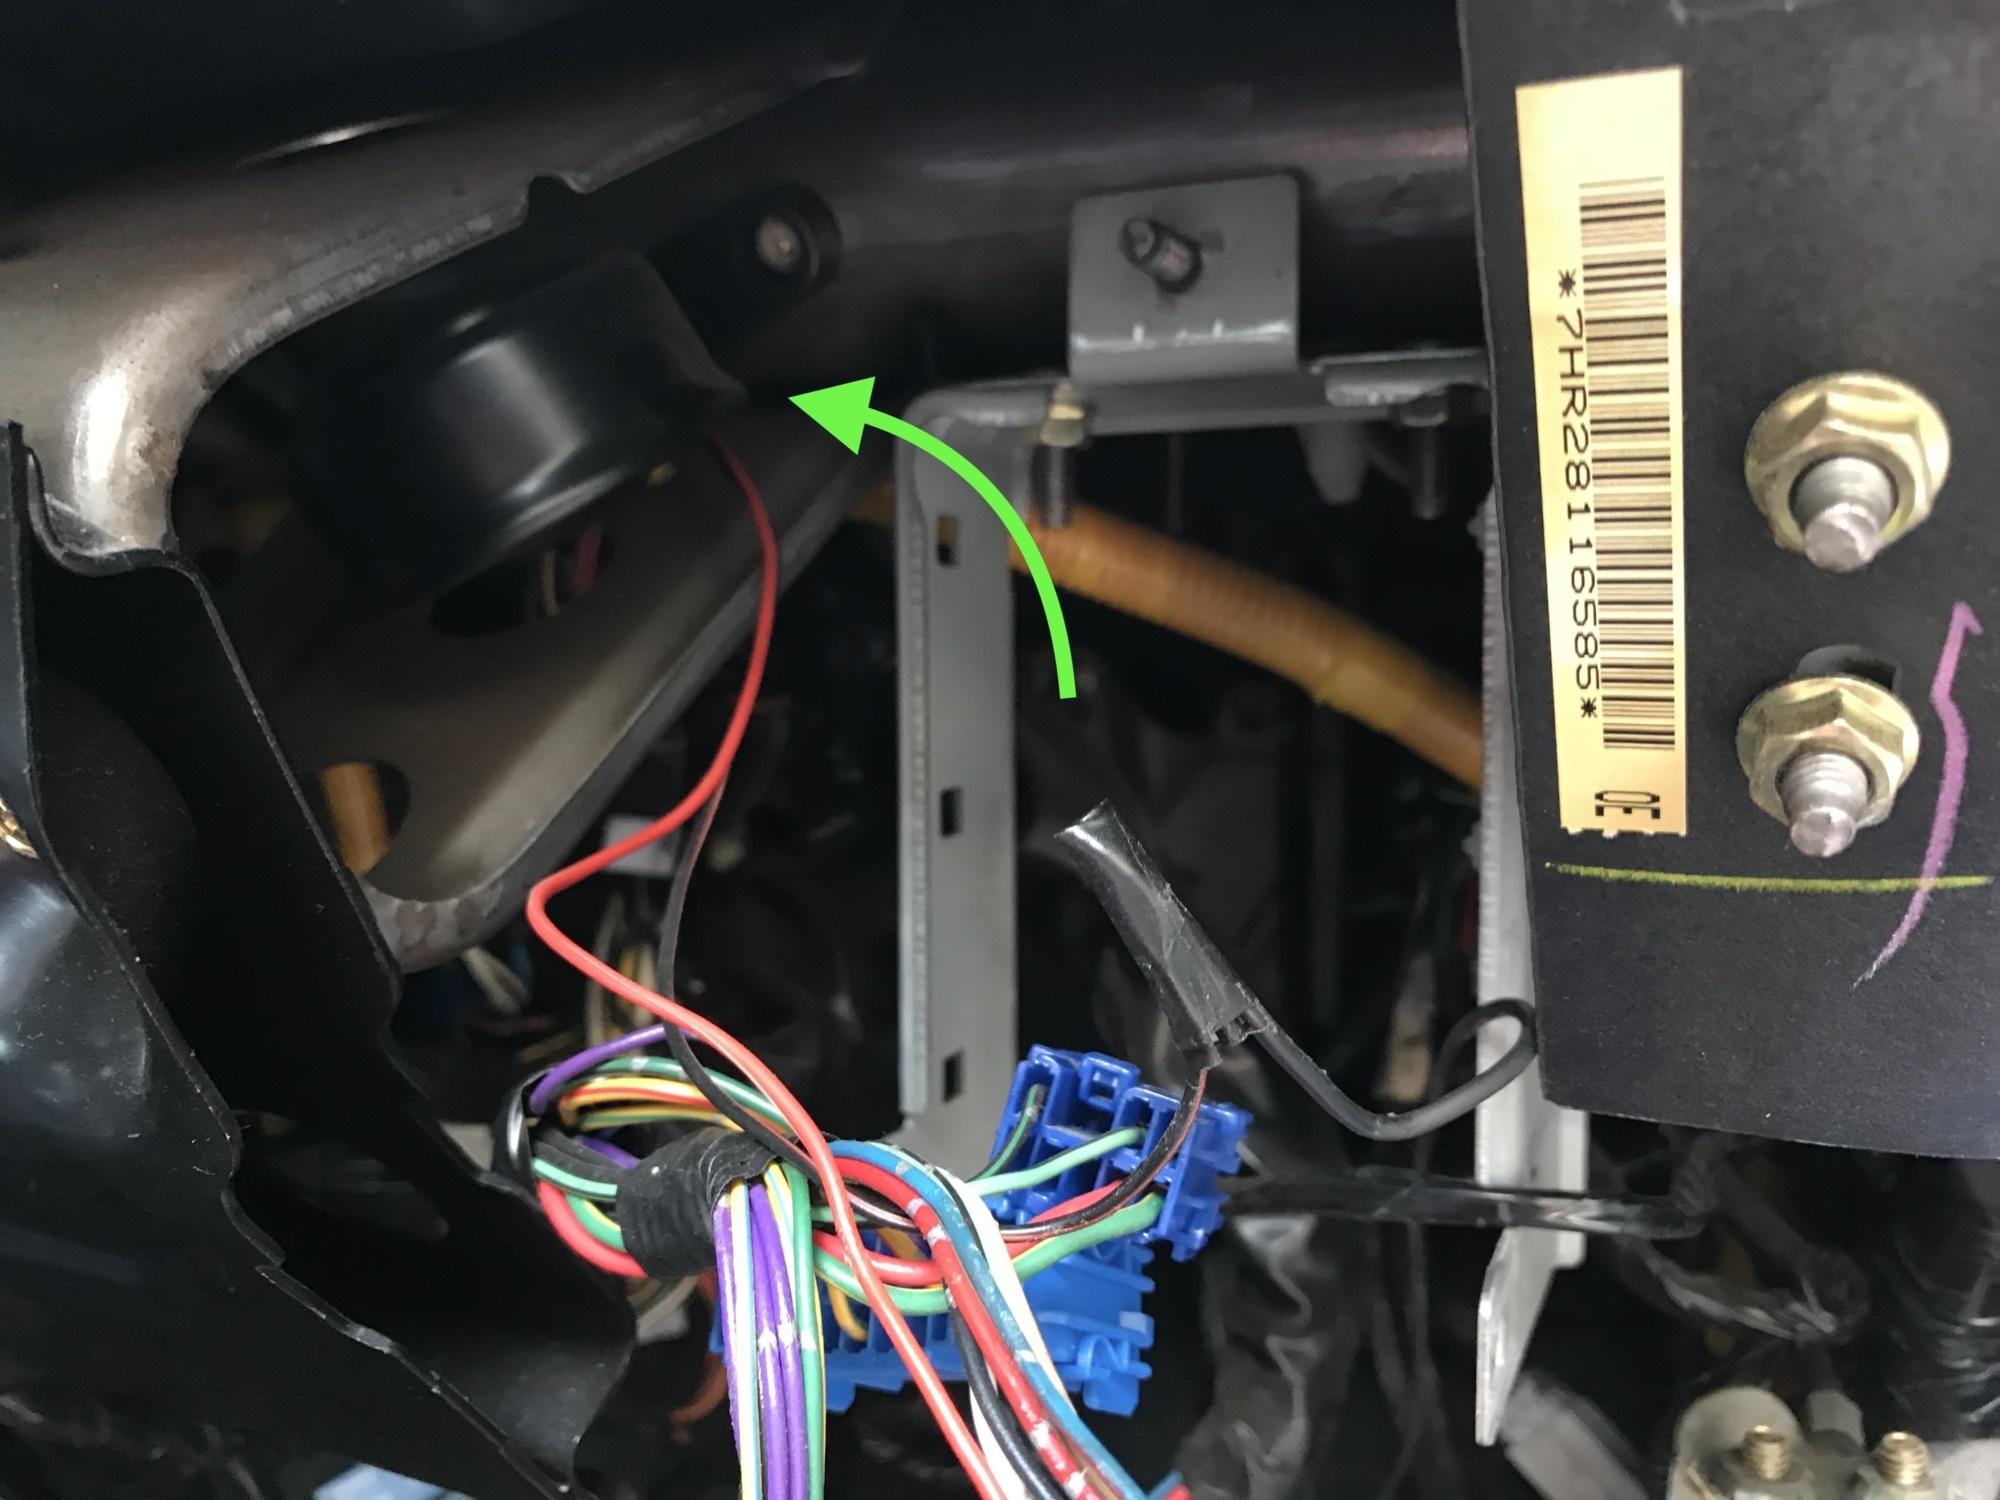 GC8 Impreza Brant Alarm Removal